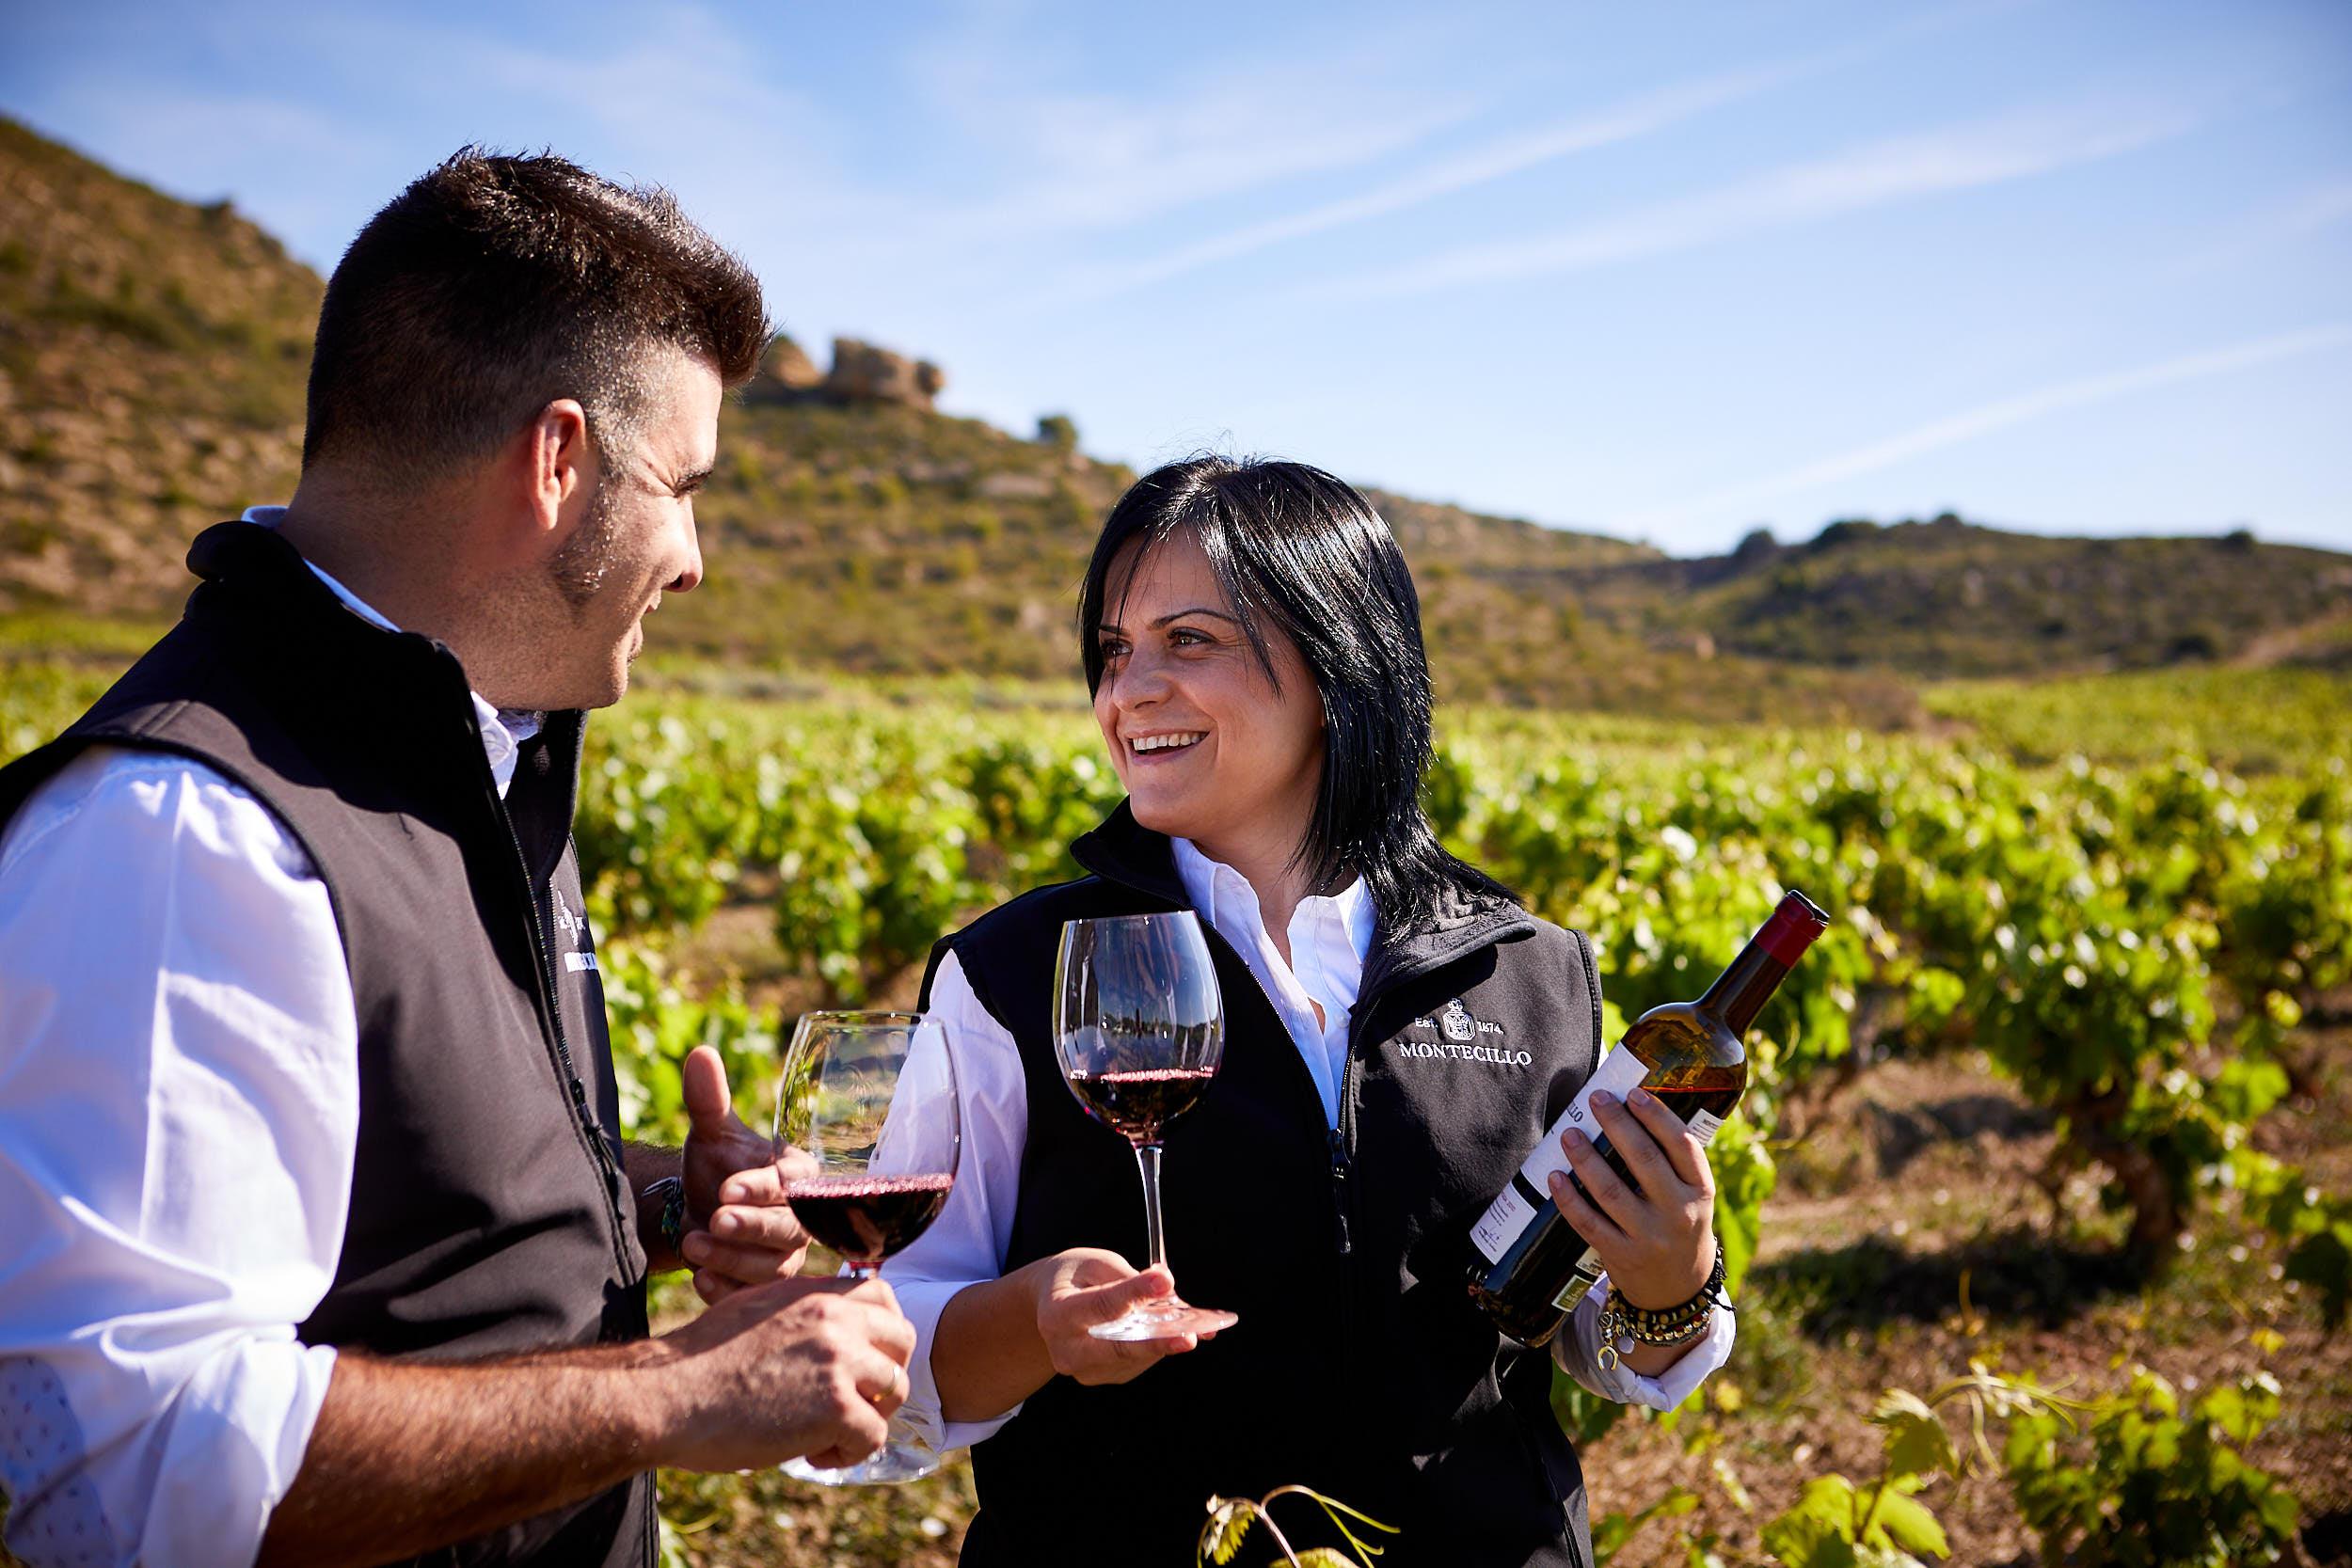 1706Montecillo_Winery_La_Rioja_Spain_Sturcke_0011.jpg